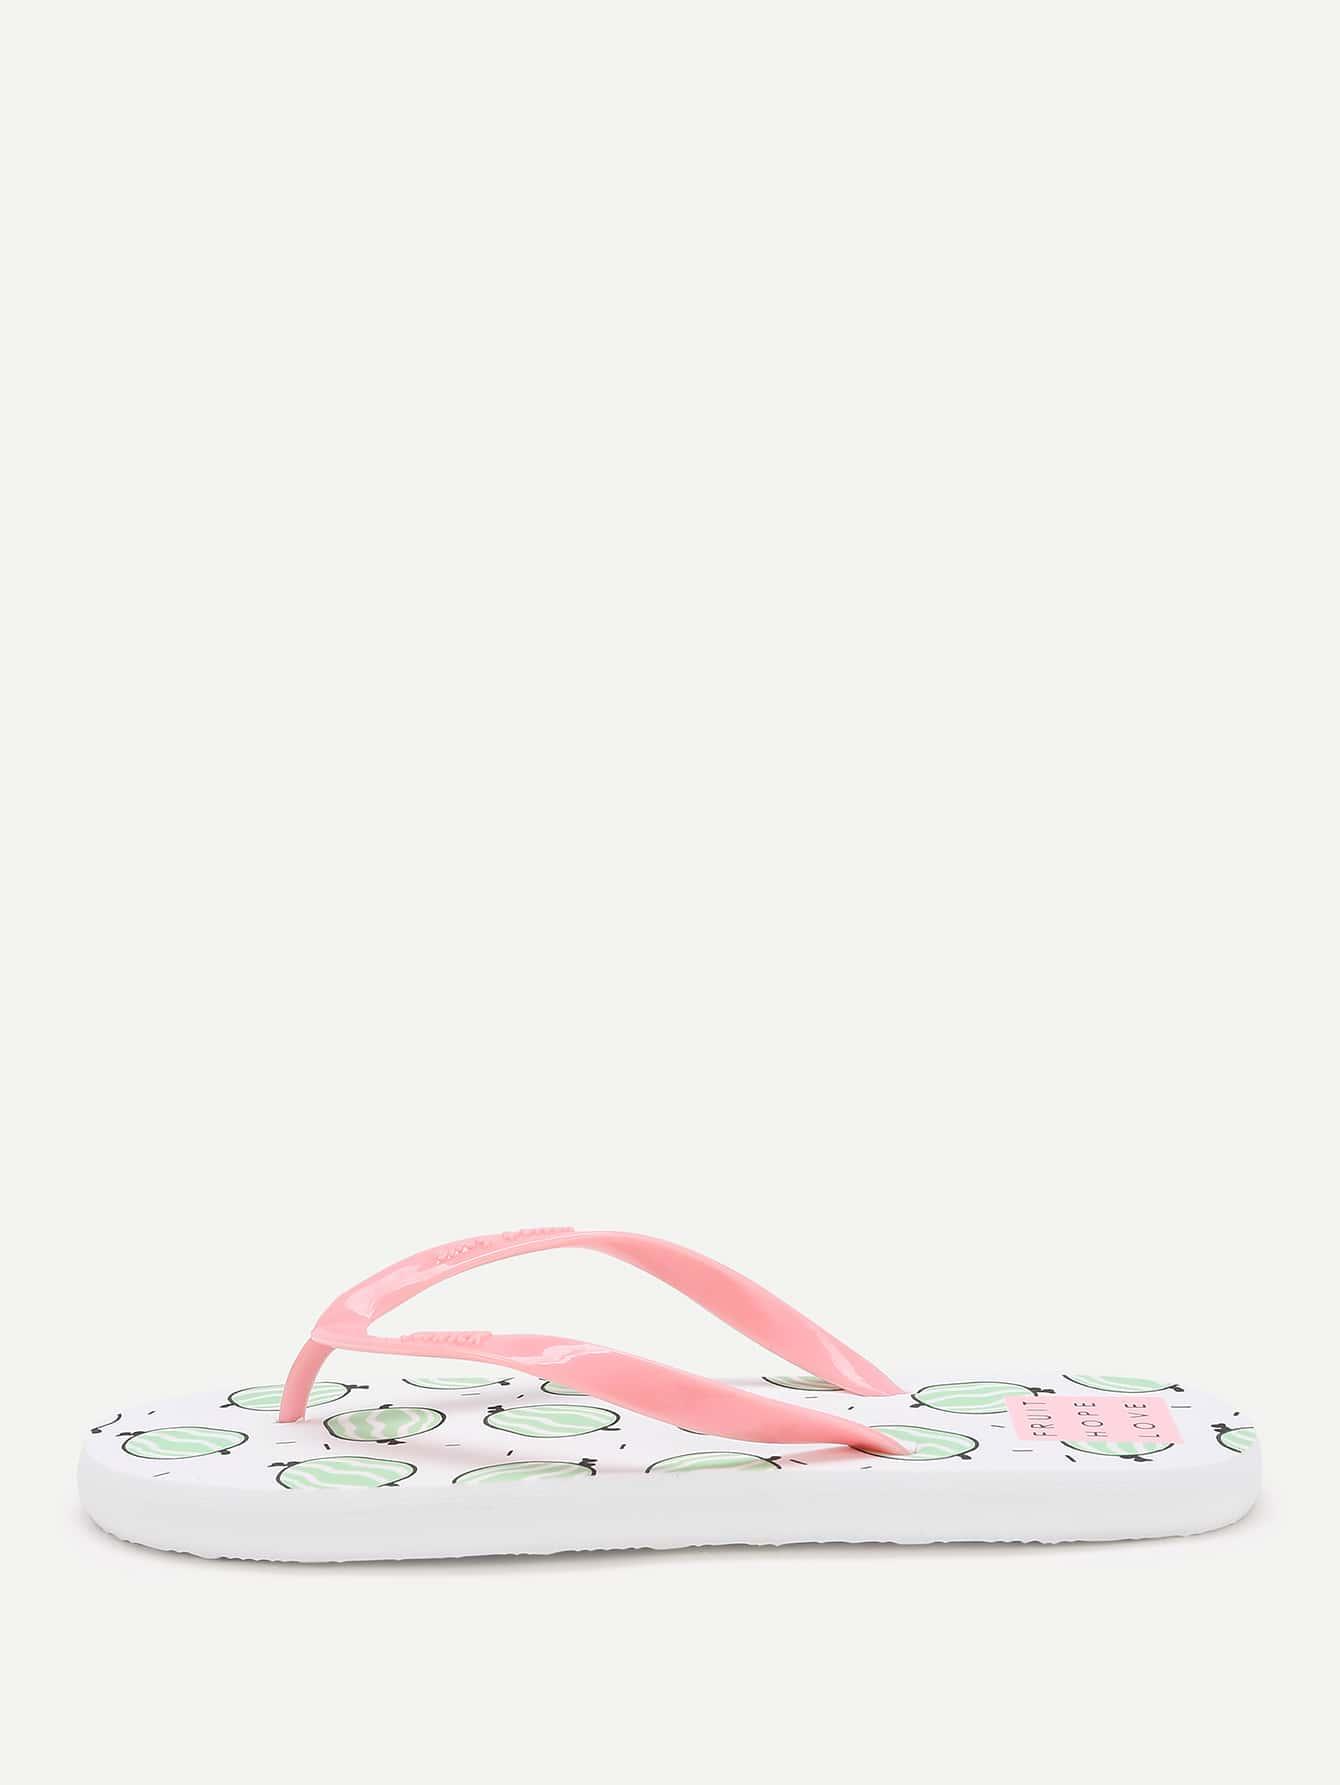 shoes170502303_2